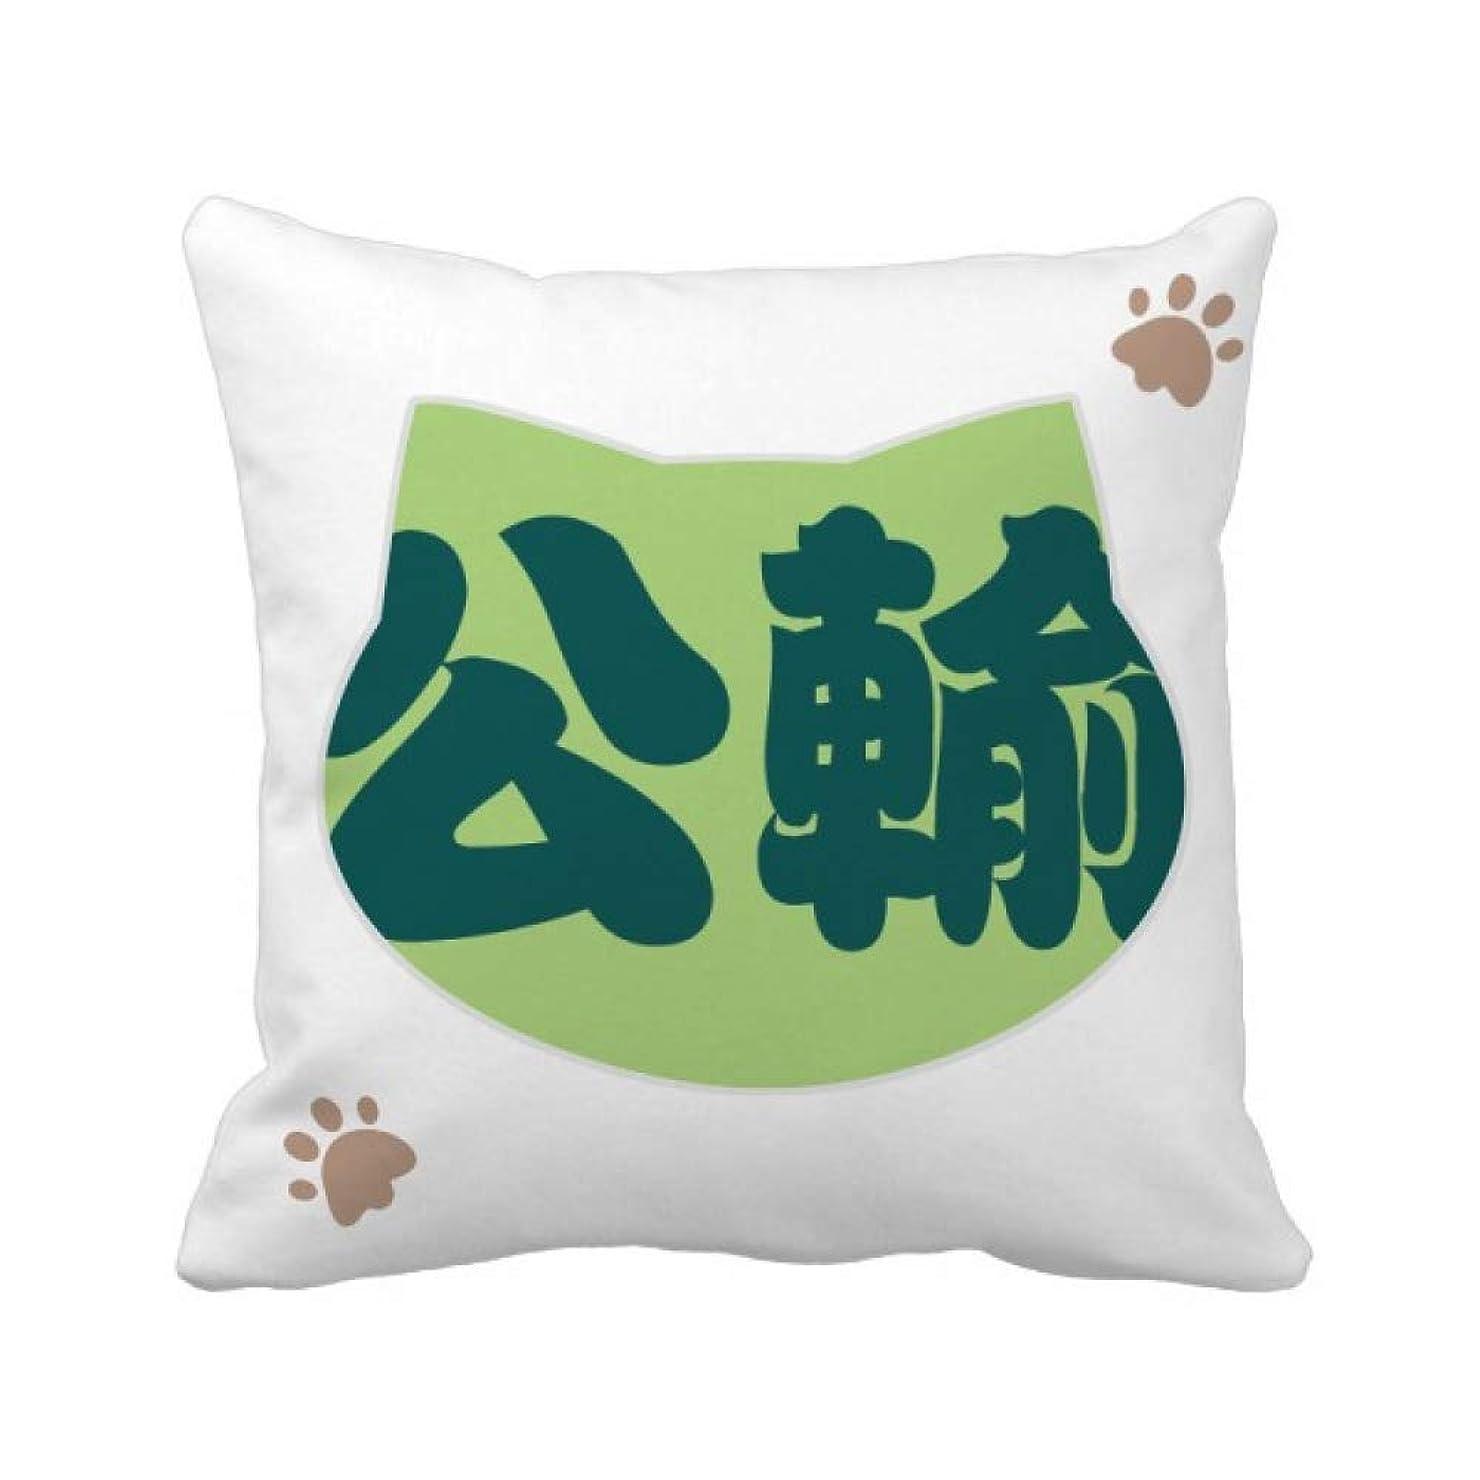 忠実に傾斜後継中国の姓の文字は中国拱墅 枕カバーを放り投げる猫広場 50cm x 50cm